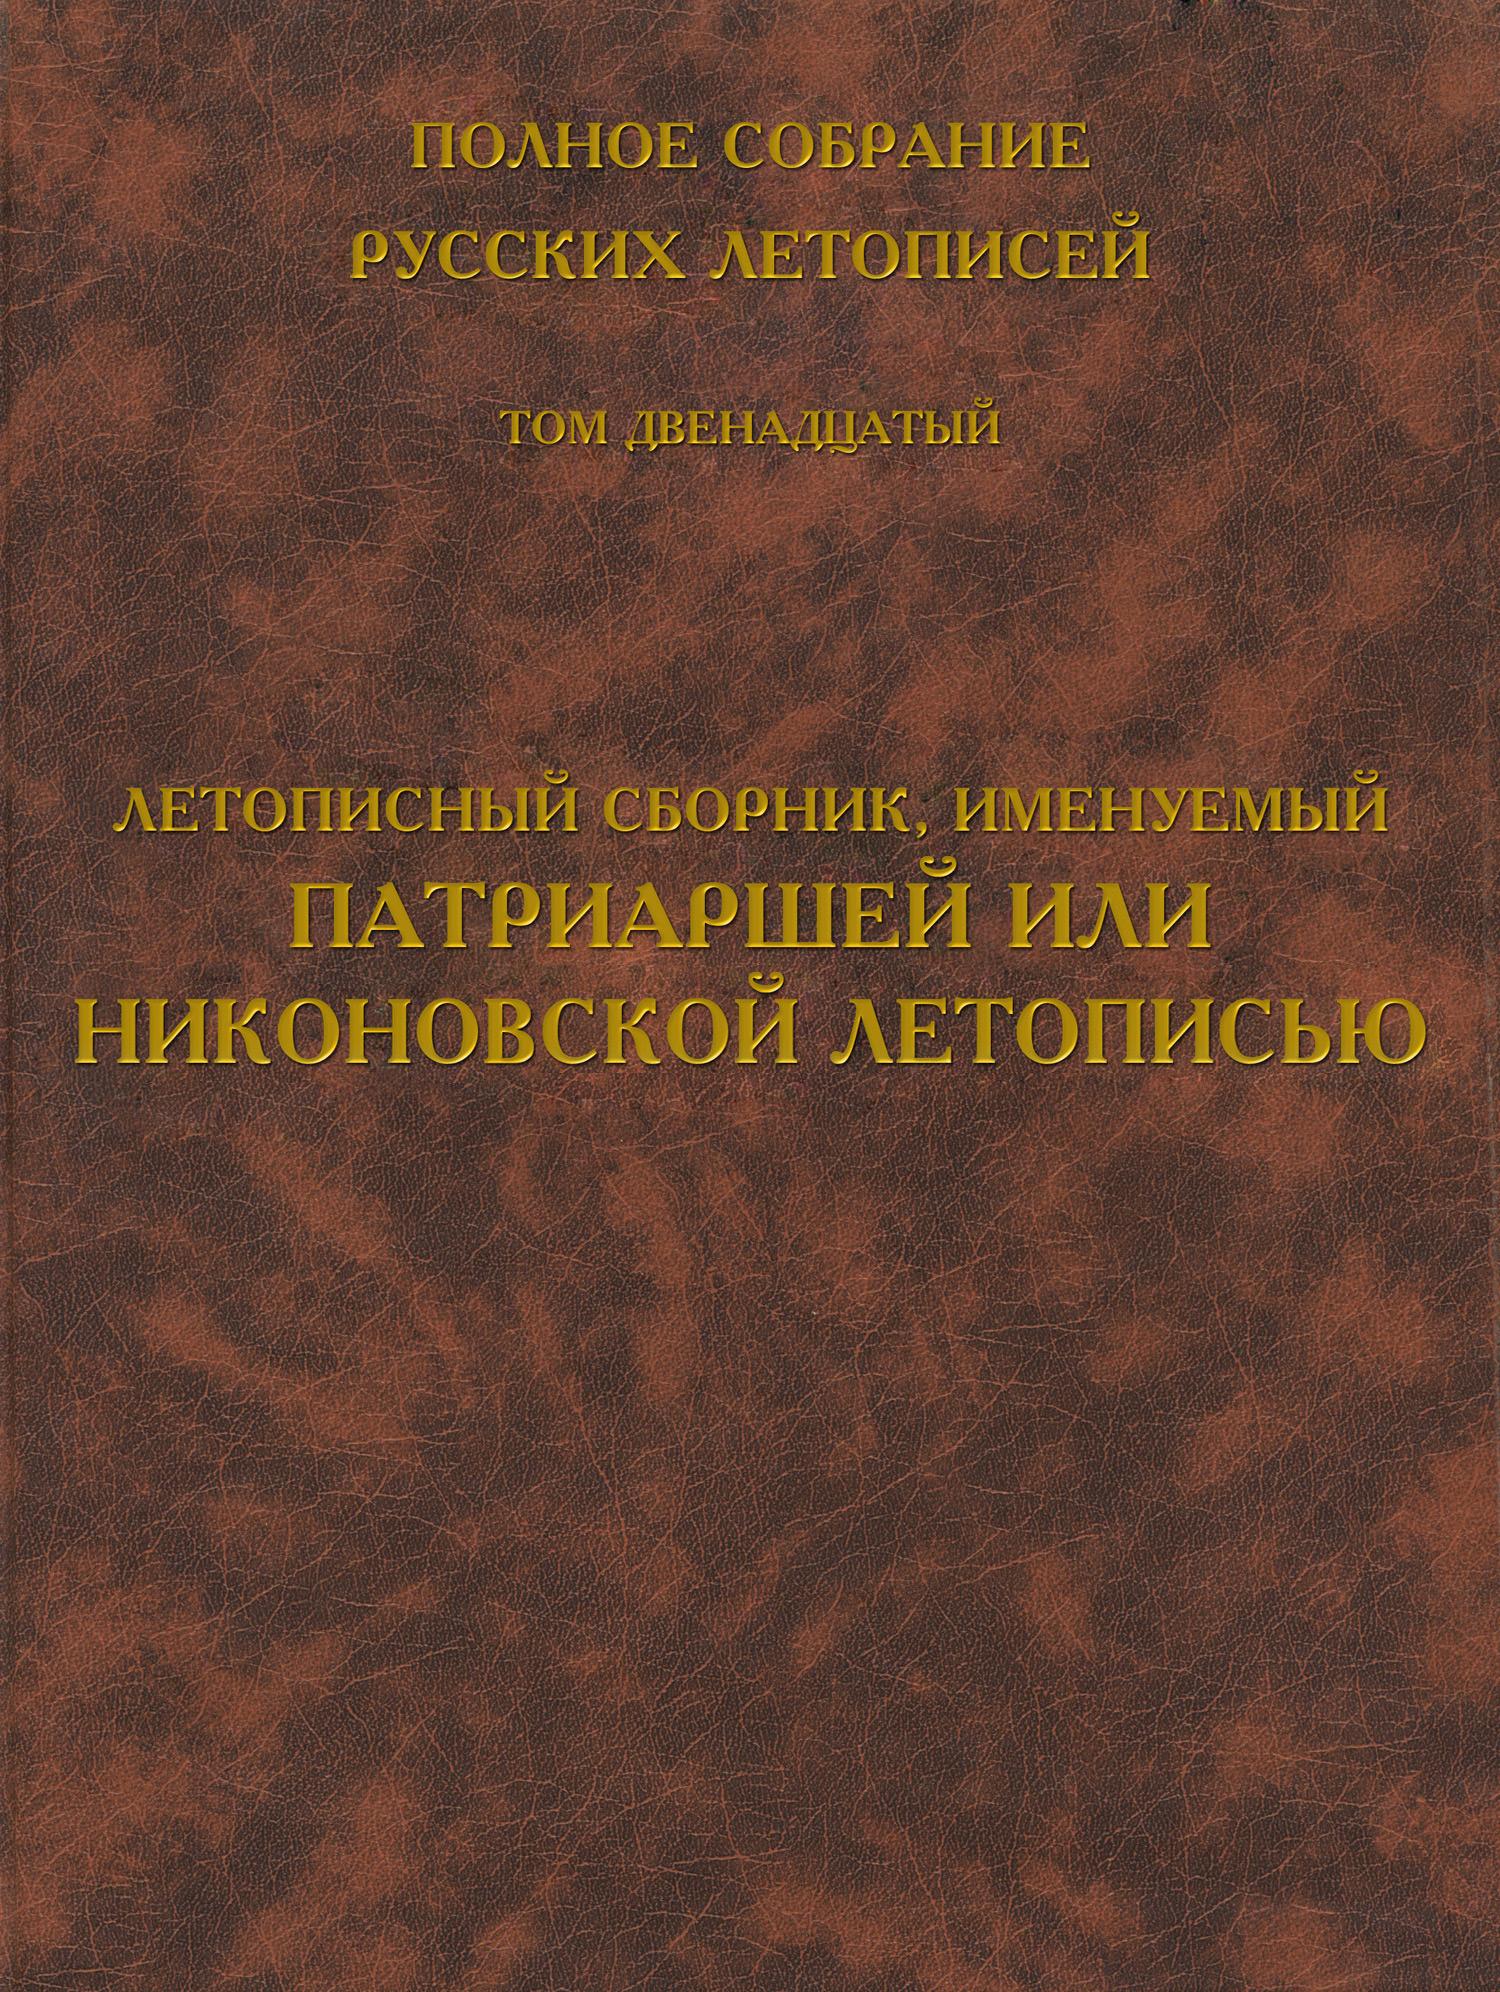 Отсутствует Полное собрание русских летописей. Том 12. Летописный сборник, именуемый Патриаршей или Никоновской летописью